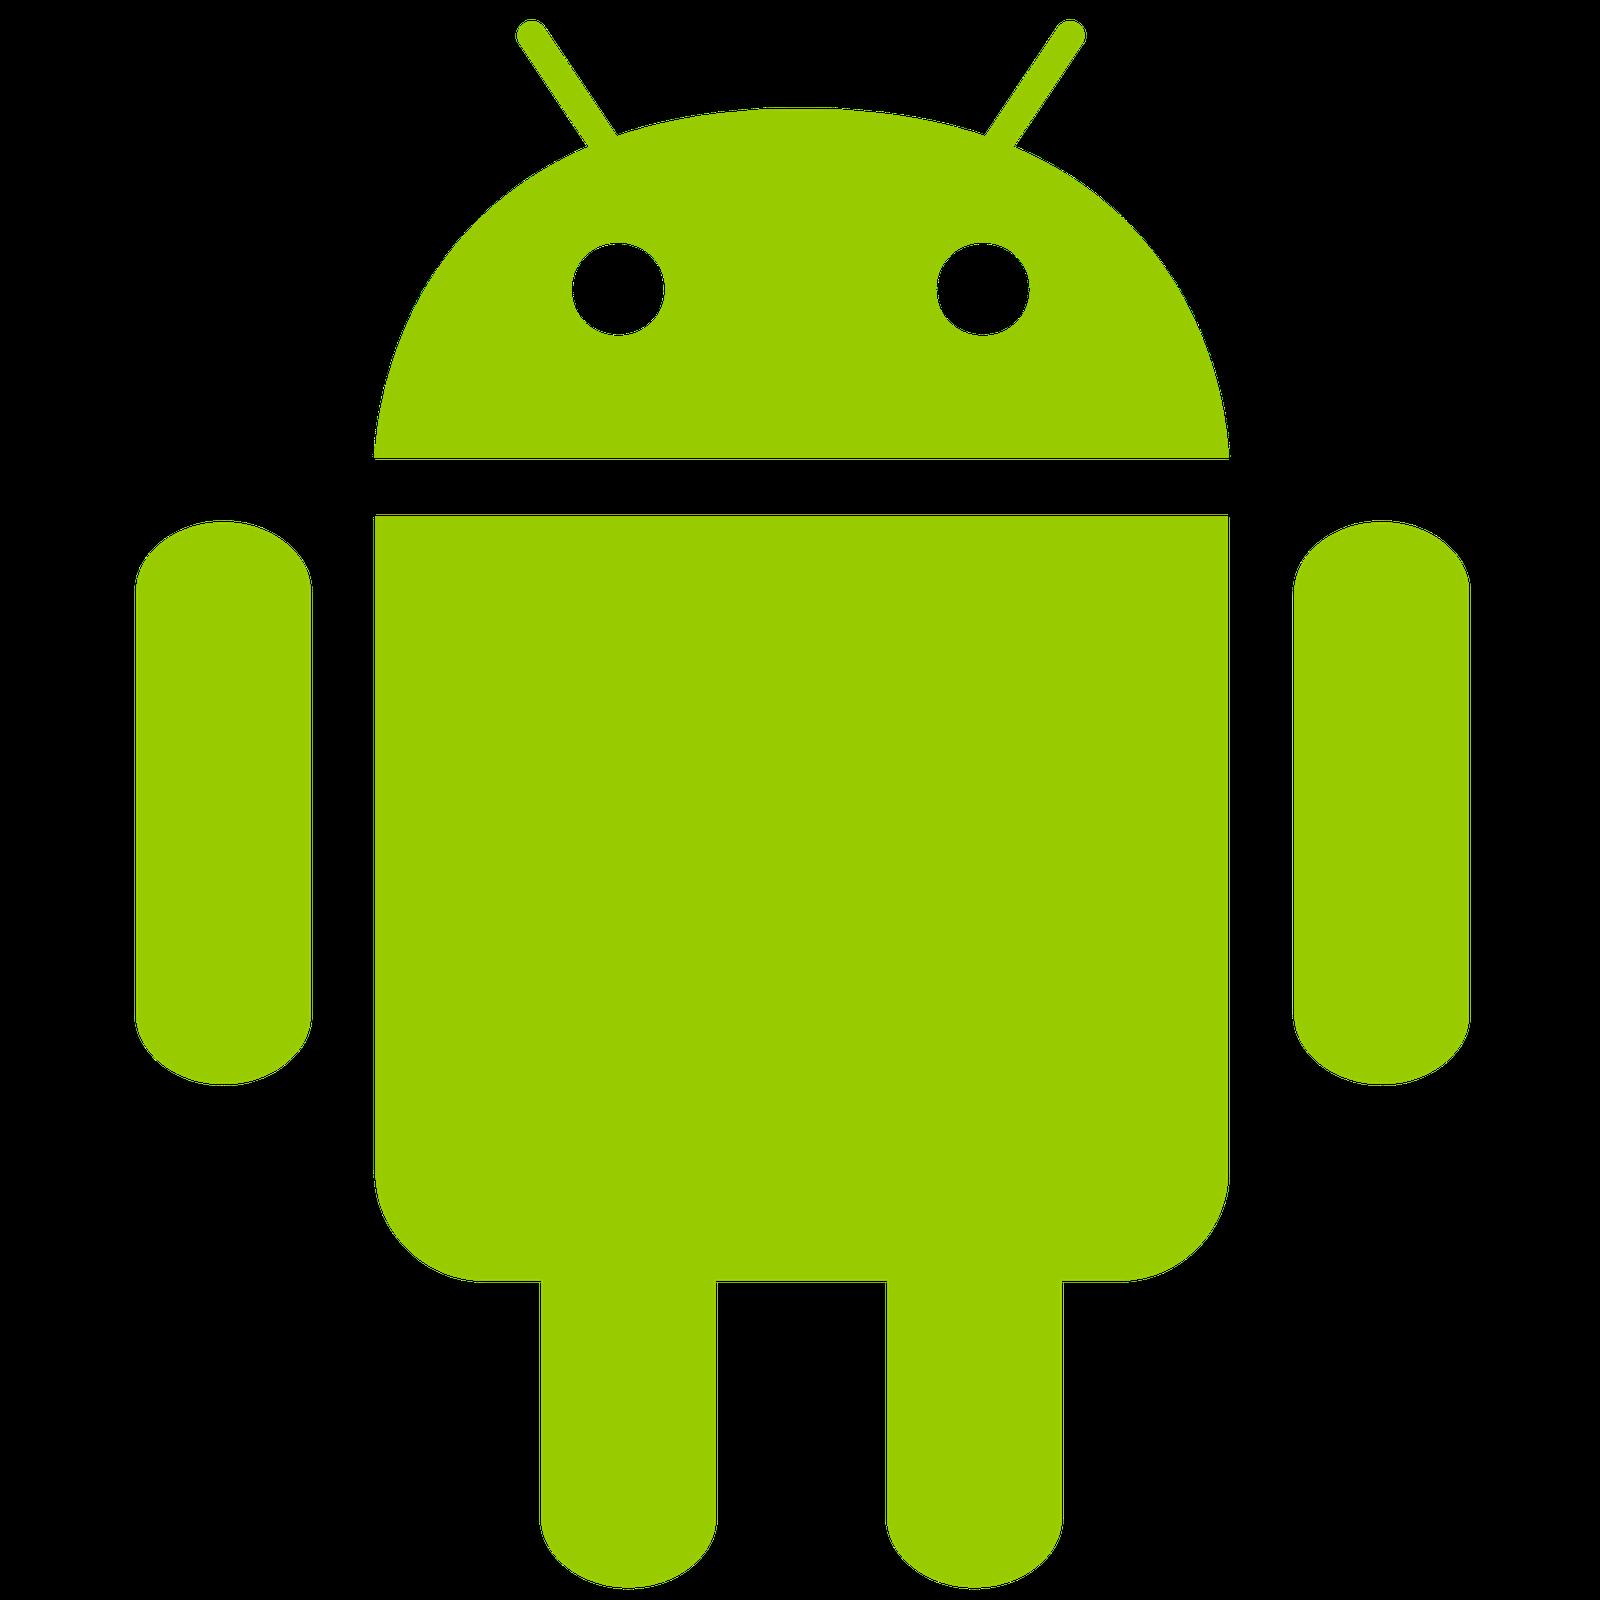 mobile app development services Los Angeles